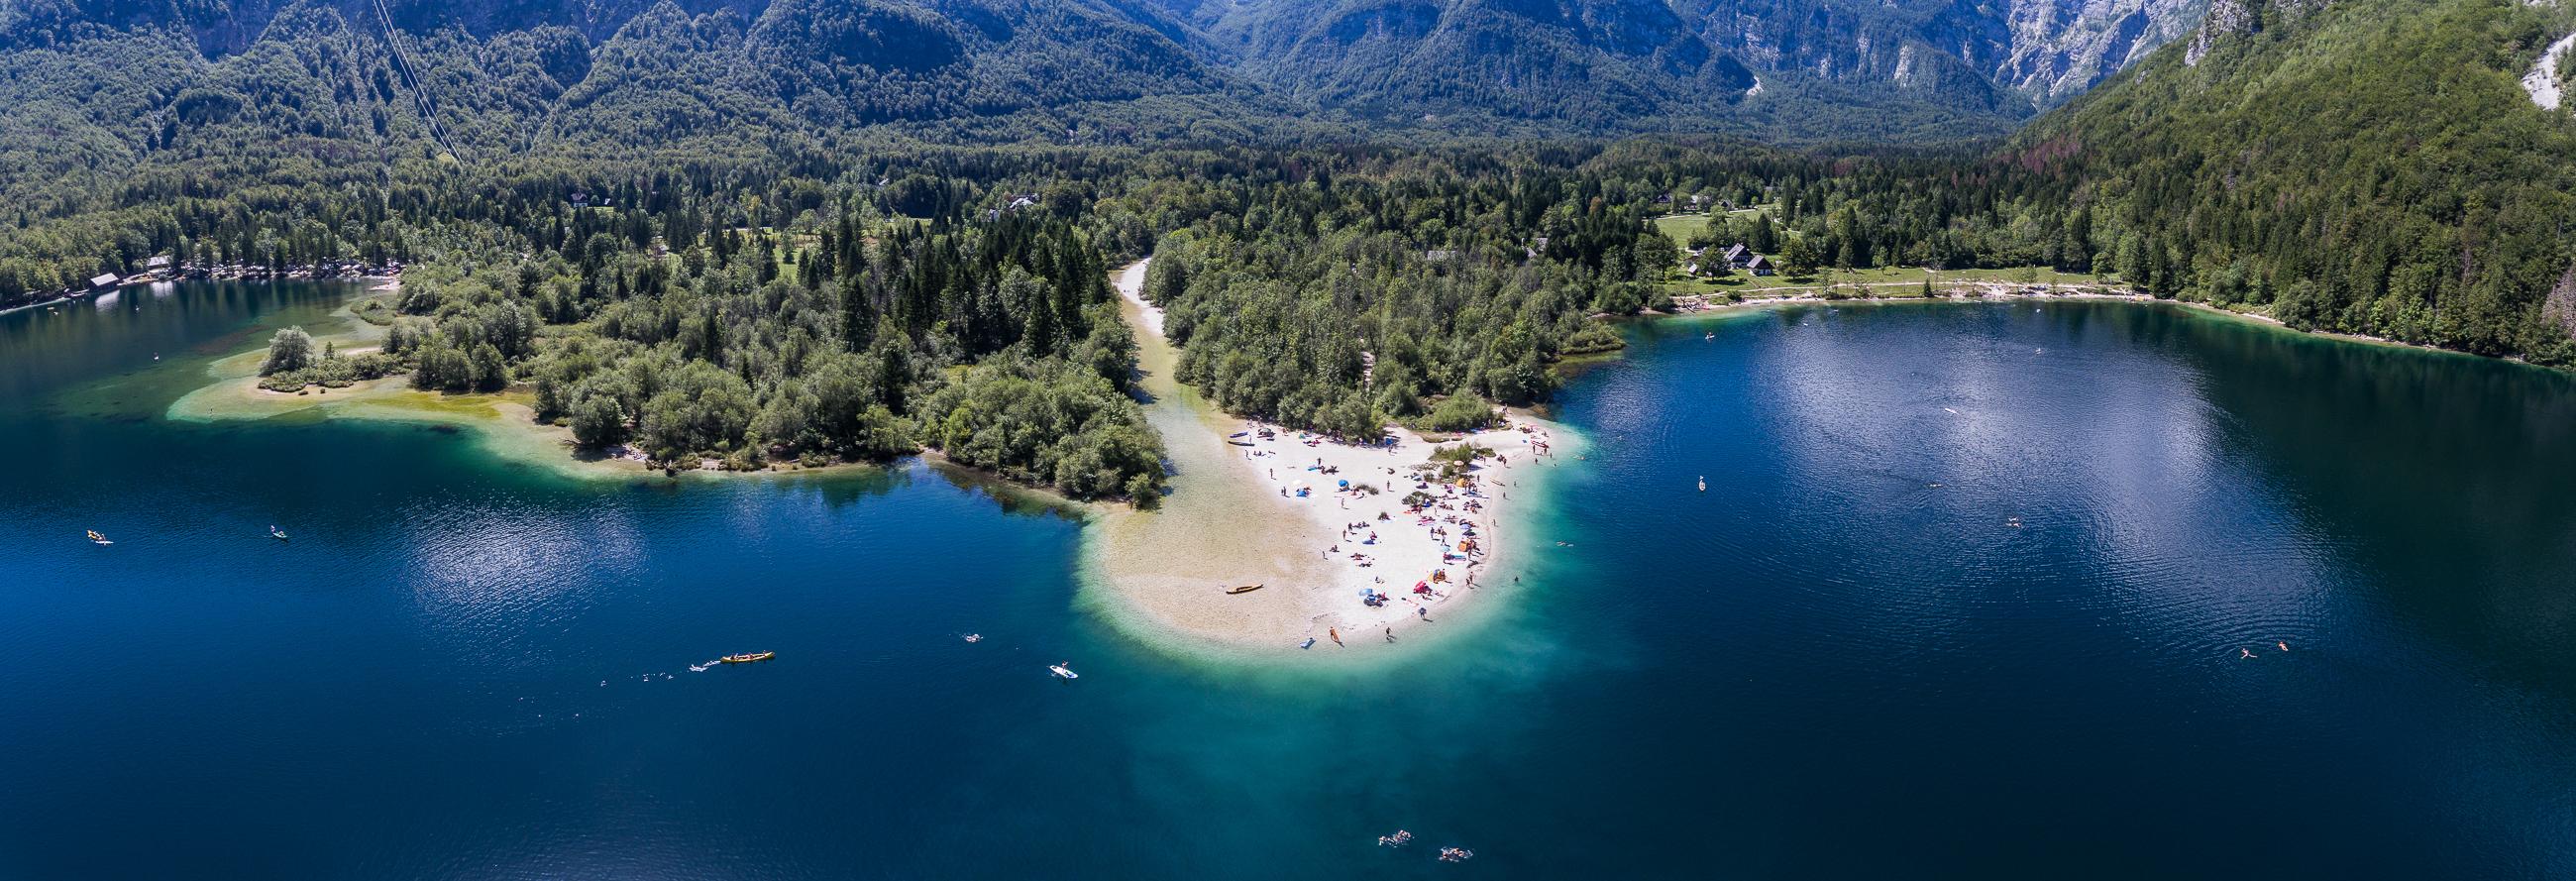 Triglav National Park - Bohinj Lake - www.jusmedic.com